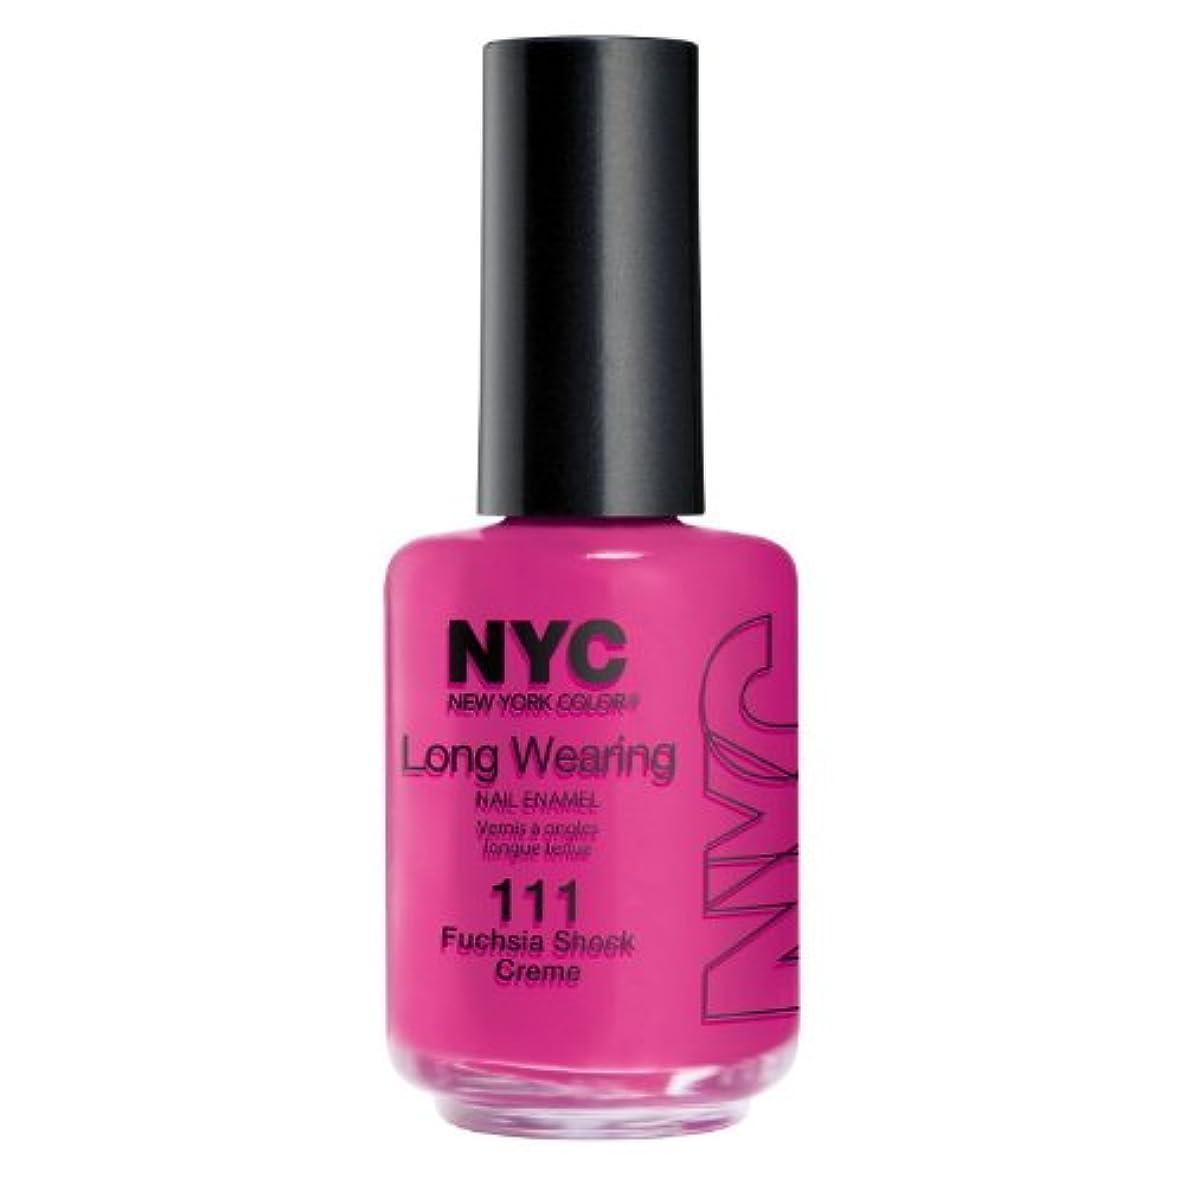 クマノミ余剰雄弁な(6 Pack) NYC Long Wearing Nail Enamel - Fuchisia Shock Creme (並行輸入品)